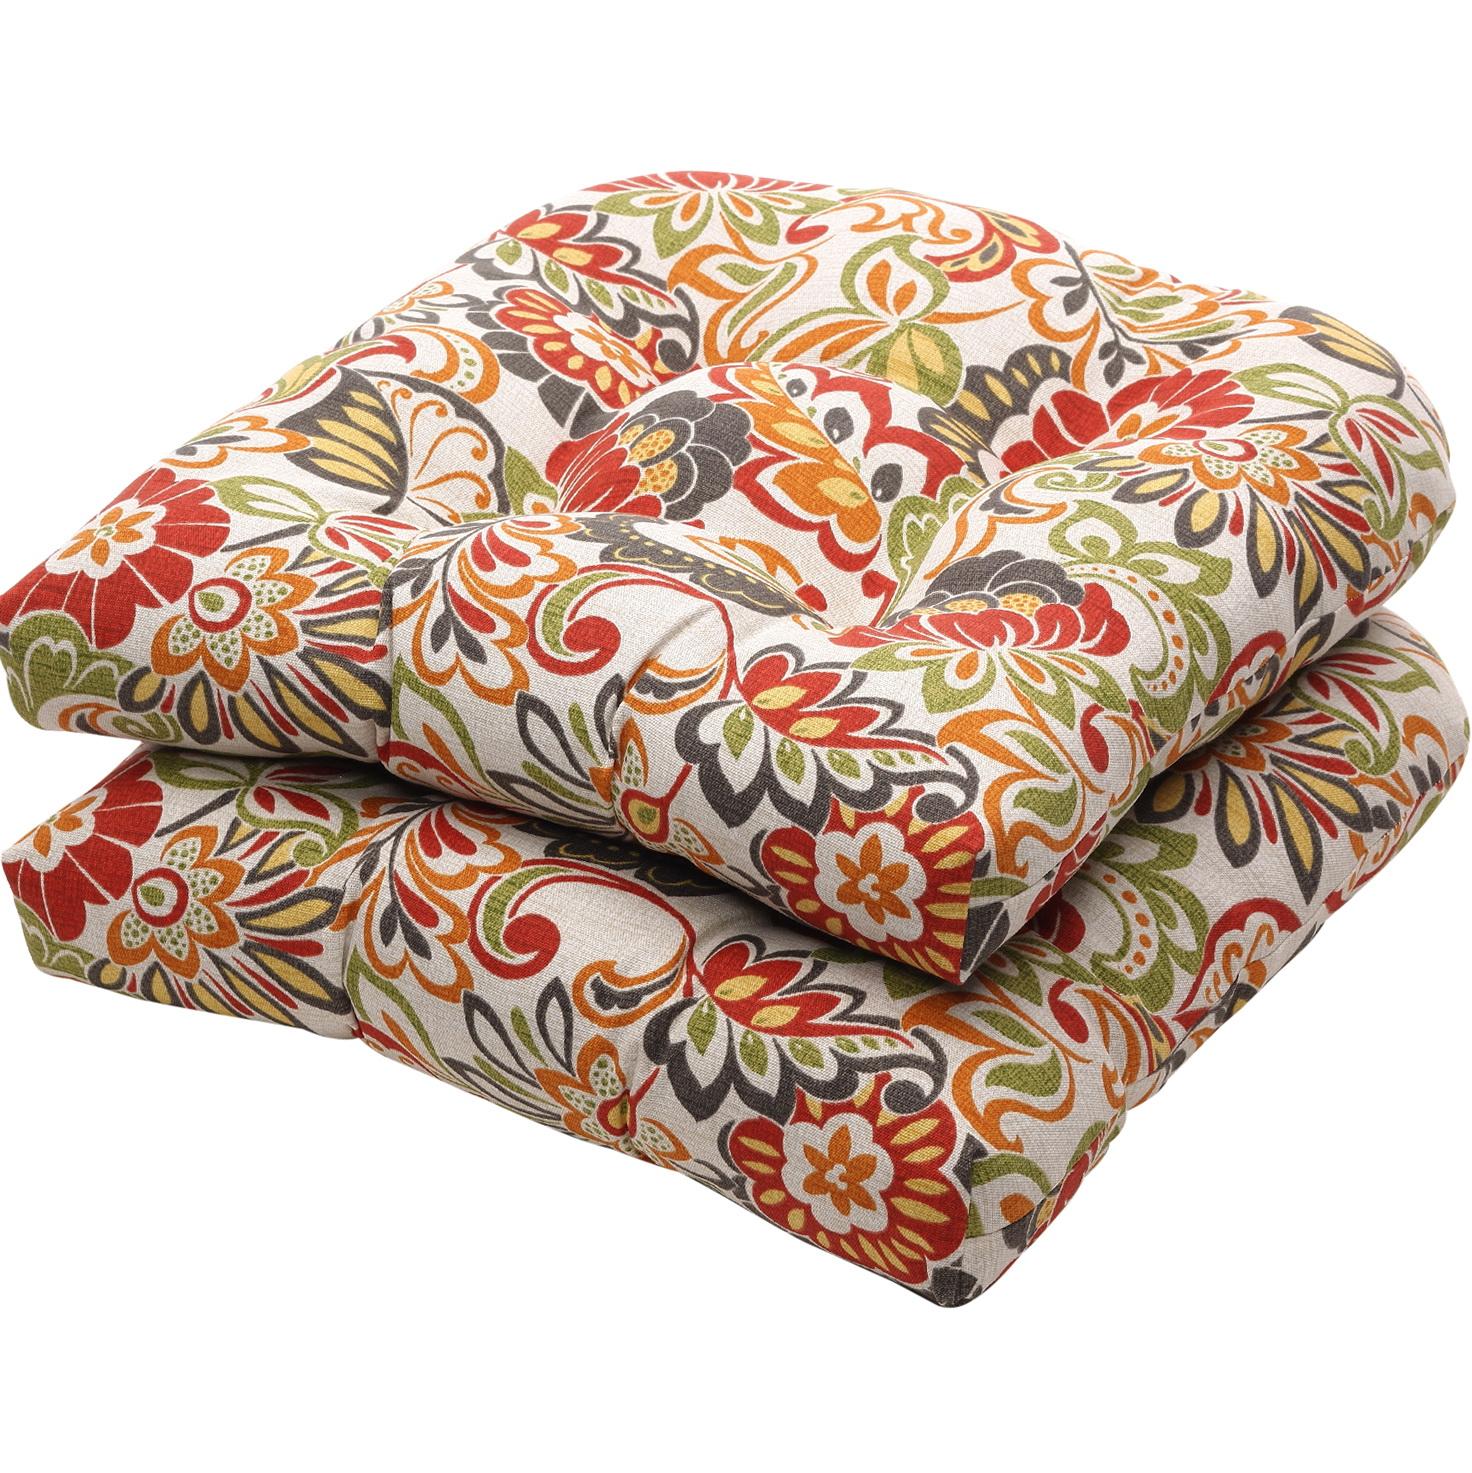 Lawn Chair Cushions Sale Home Design Ideas